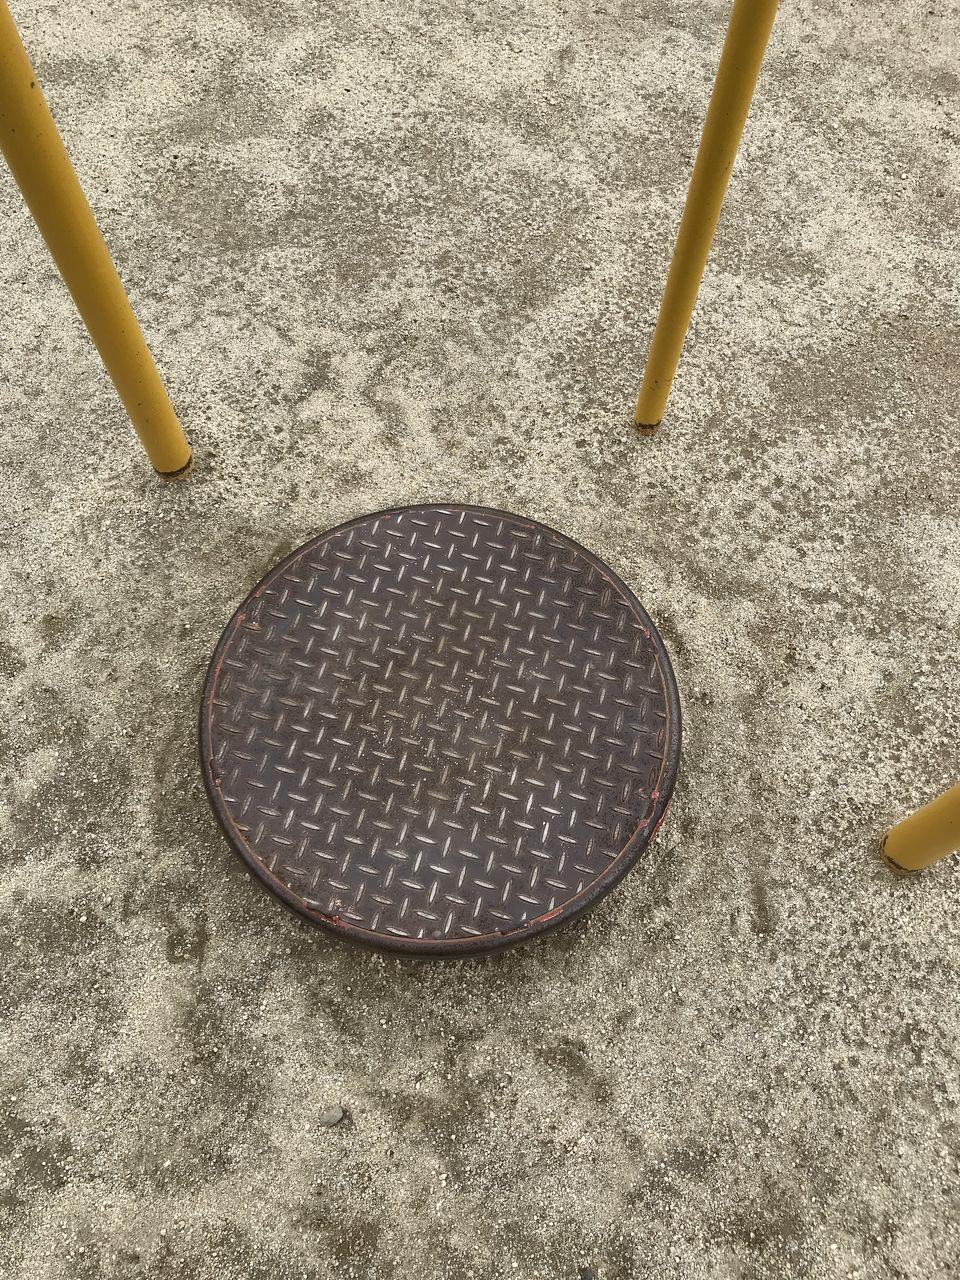 妙典にある妙典公園のツイストの円盤